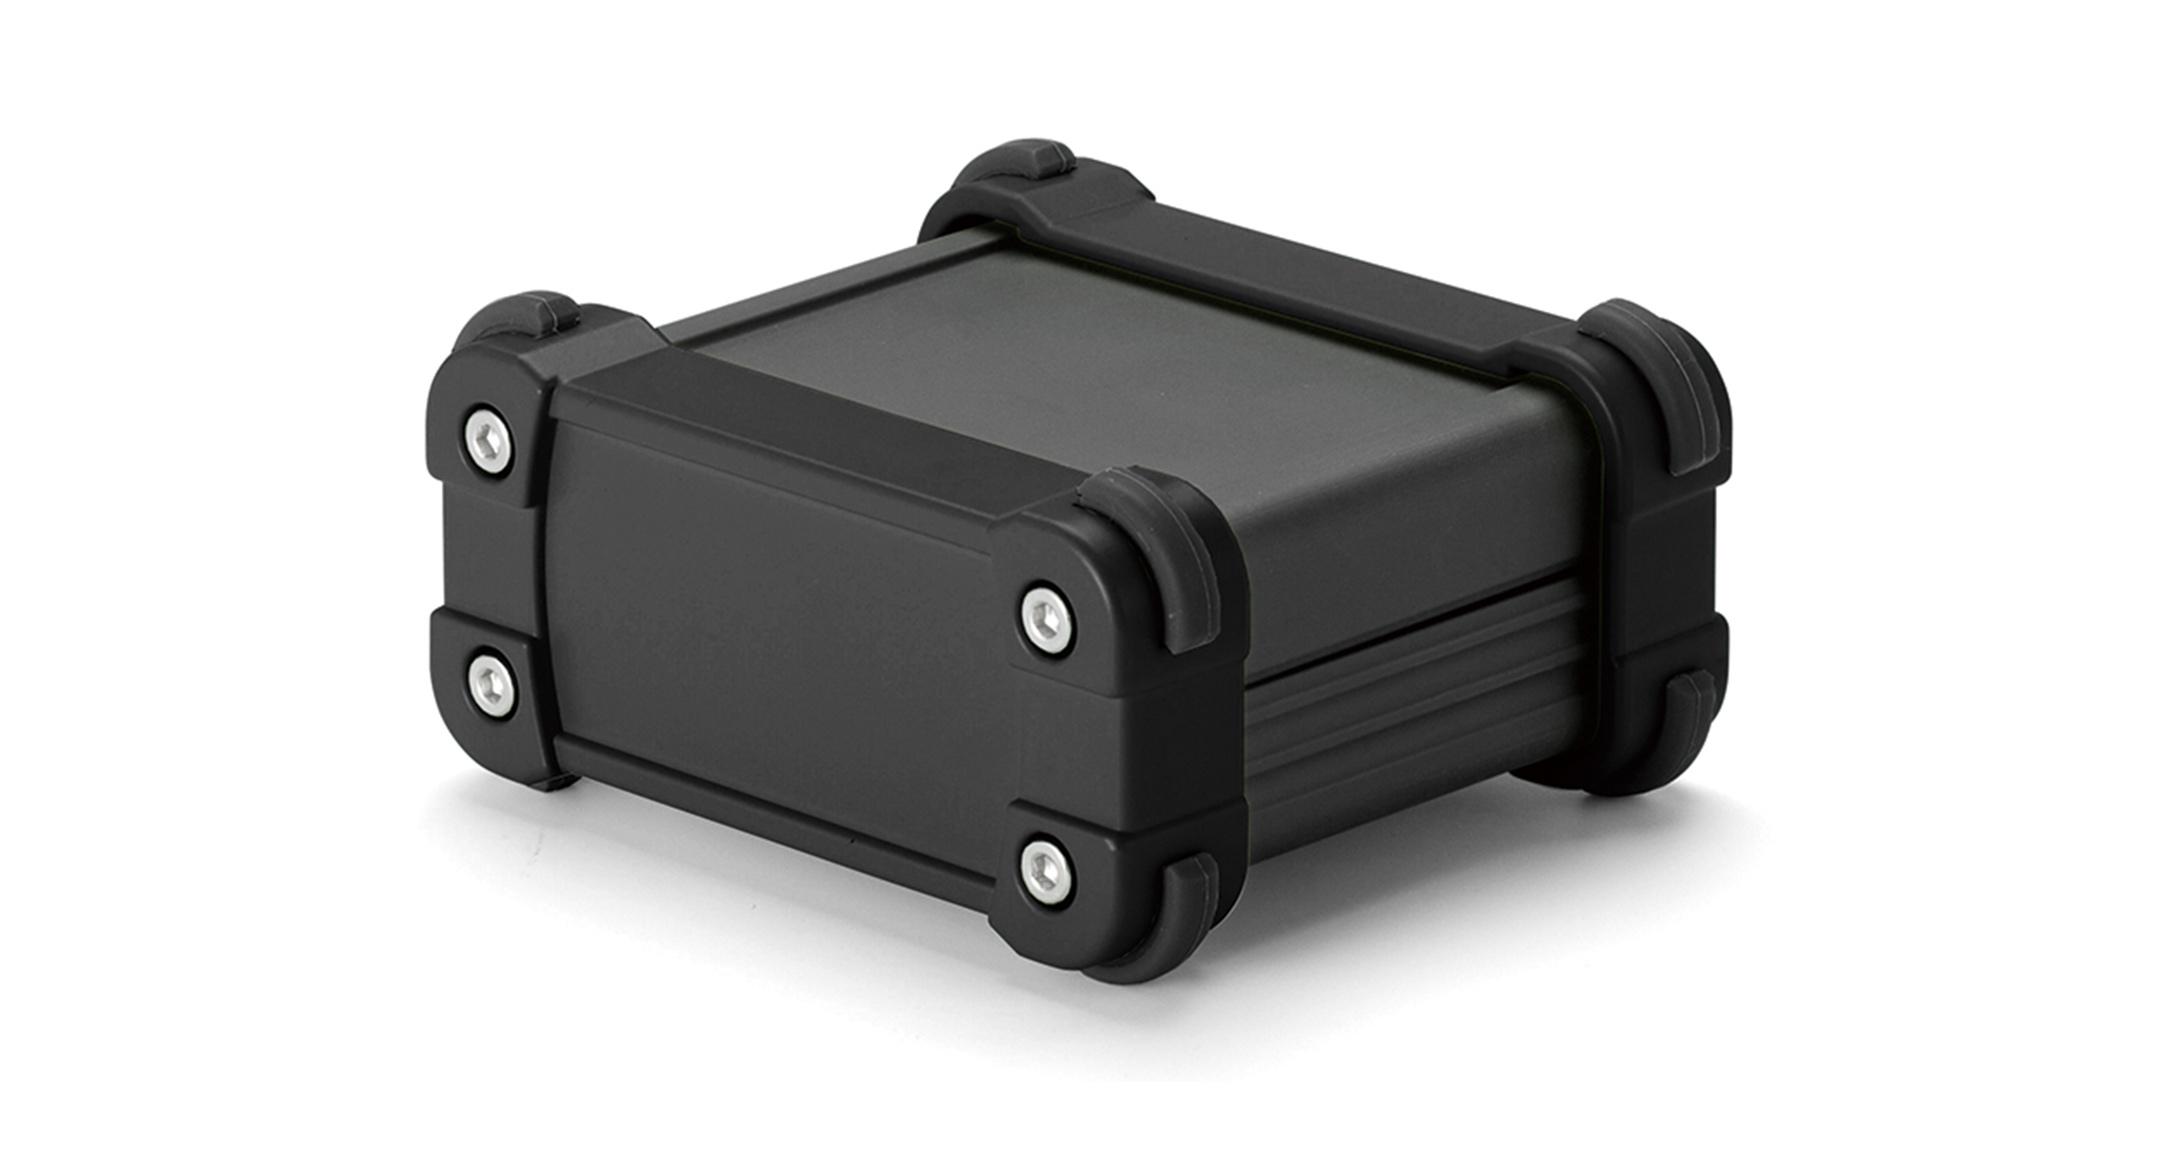 IP65コーナーガード付 防水アルミケース EXWシリーズ:ブラック/ブラックの画像